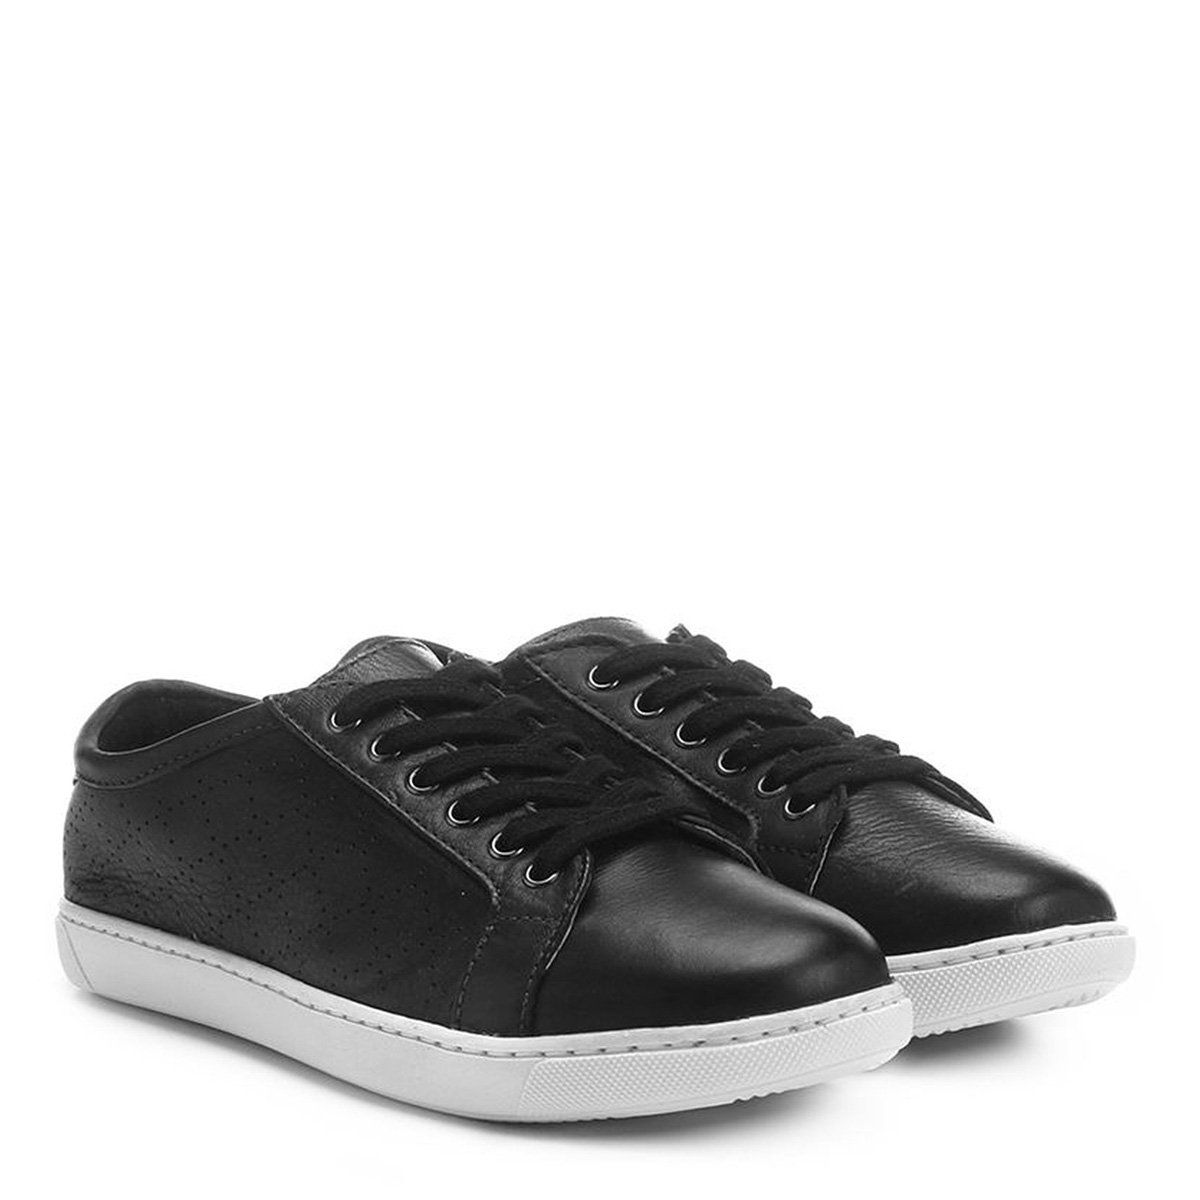 f952ceb1d Tênis Couro Shoestock Vazado Feminino - Compre Agora